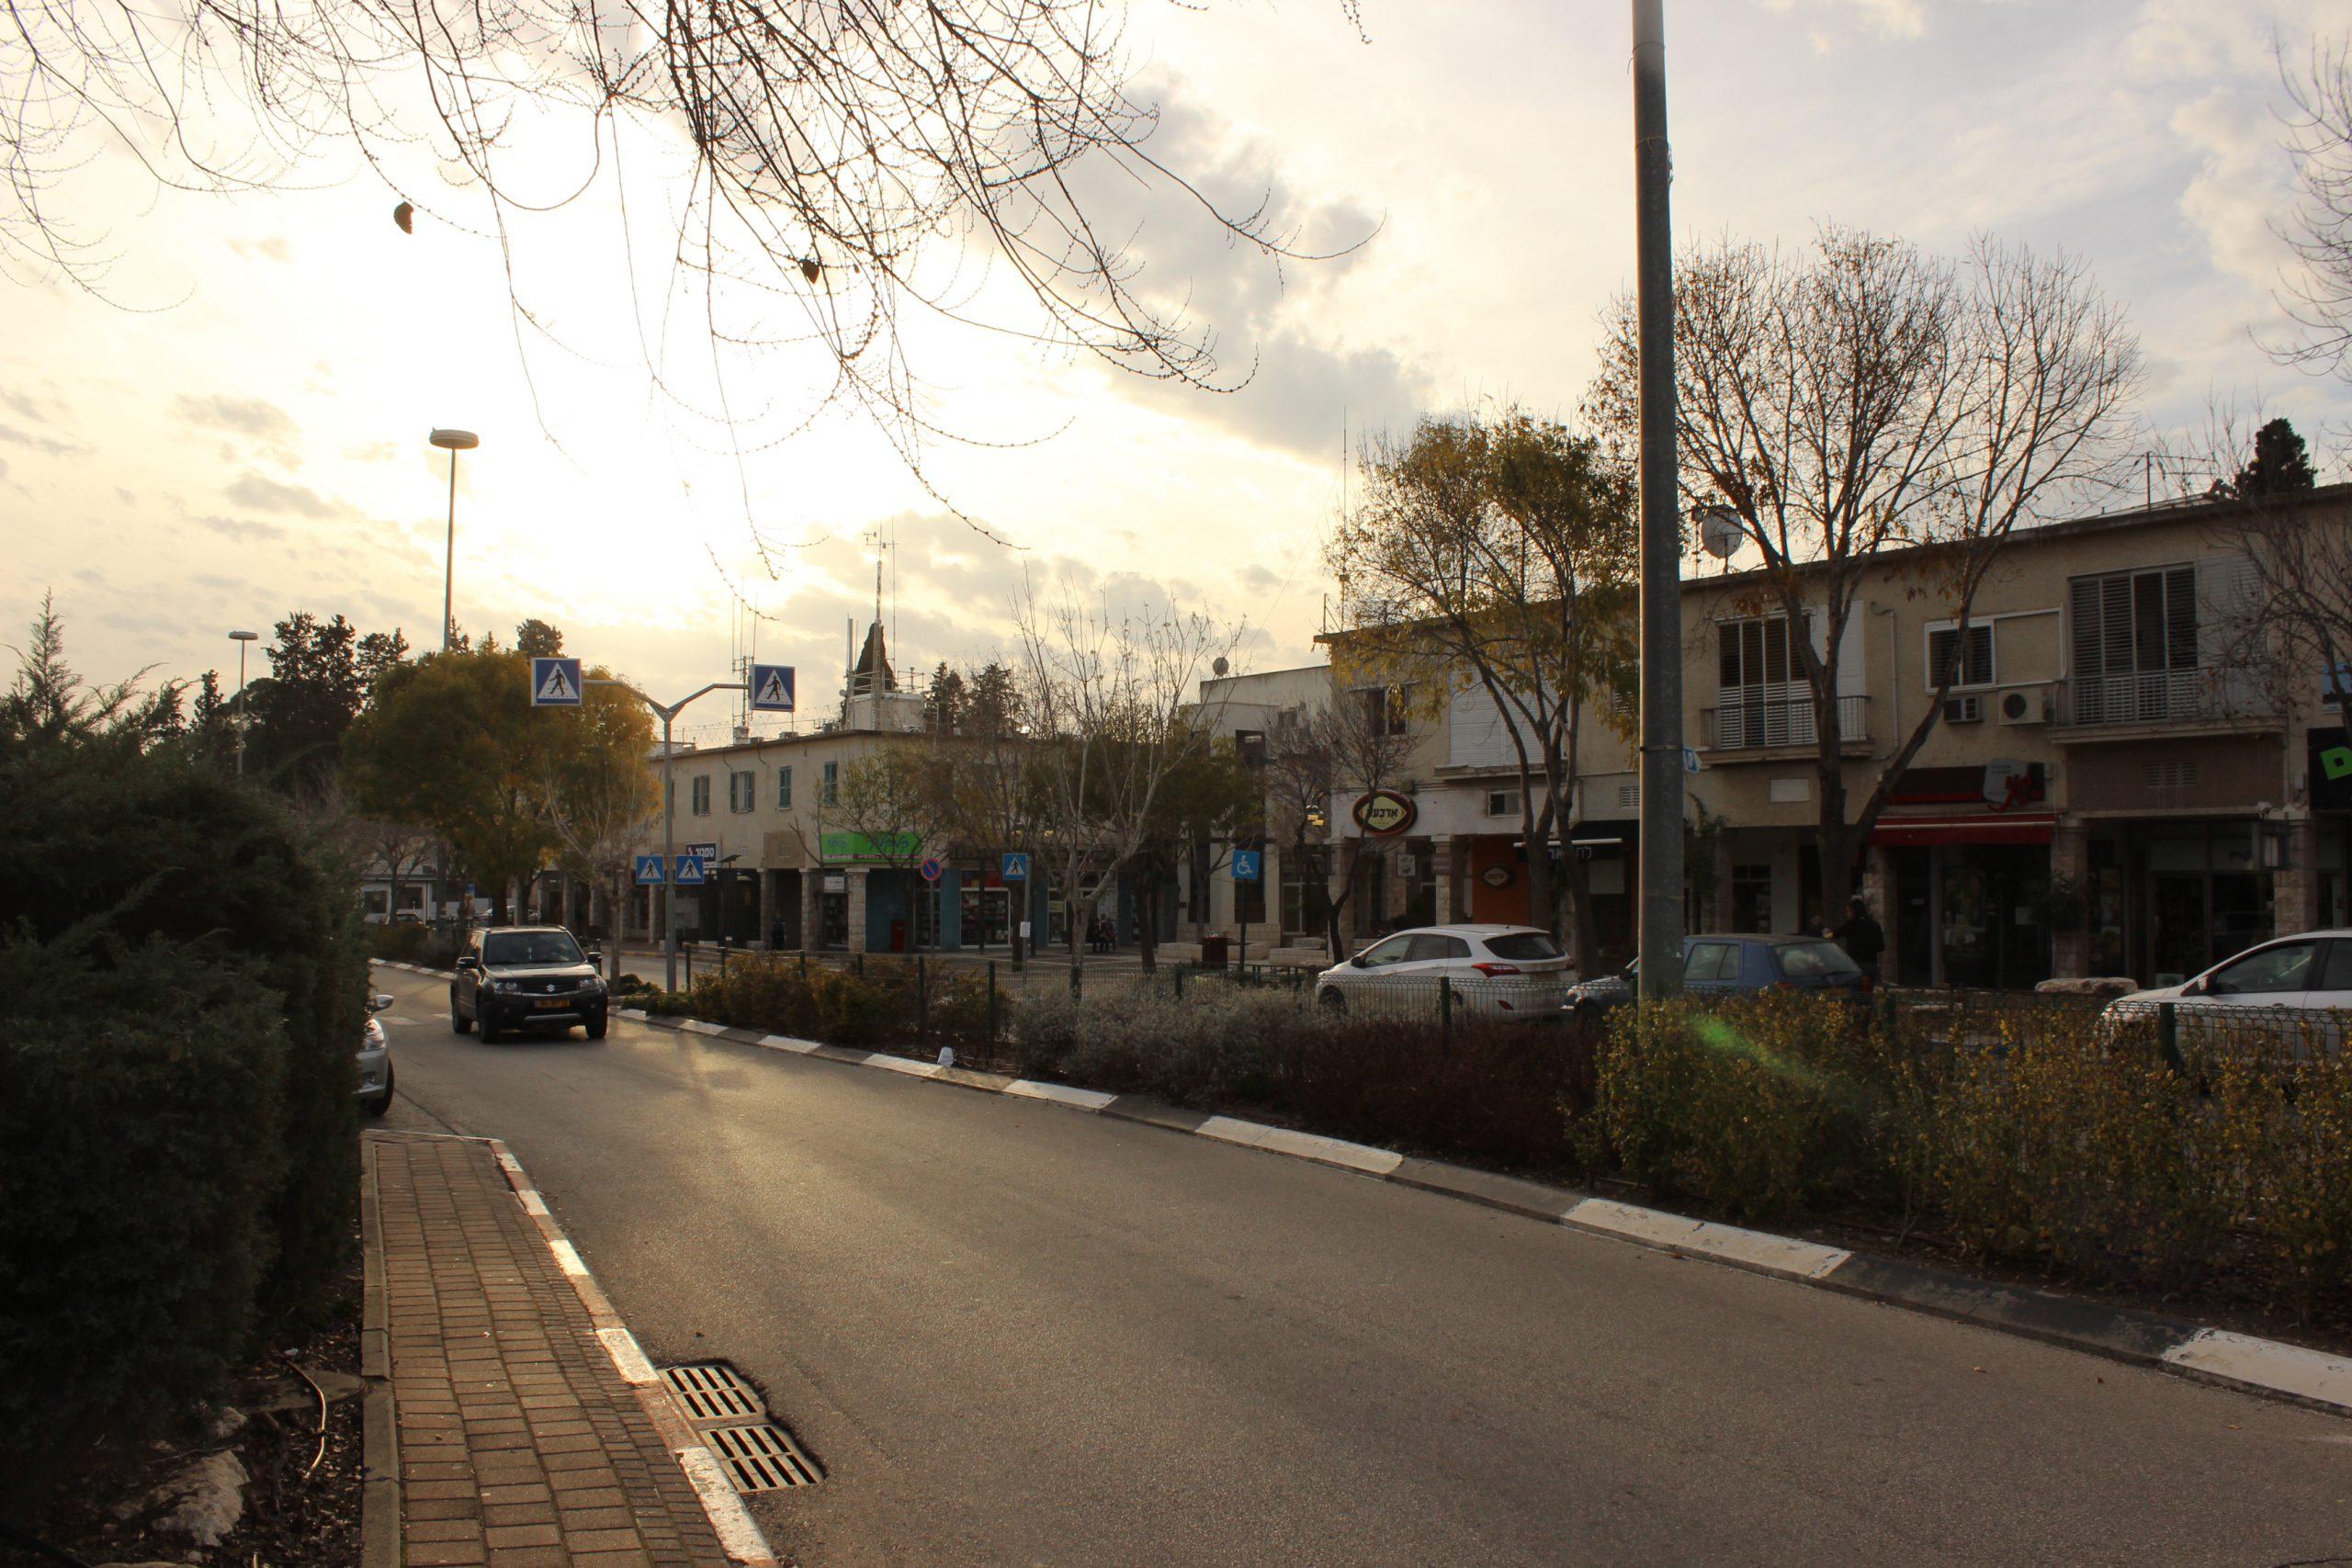 מרכז טבעון באזור כיכר בן-גוריון שמאכלס מספר מהמקומות בכתבה.